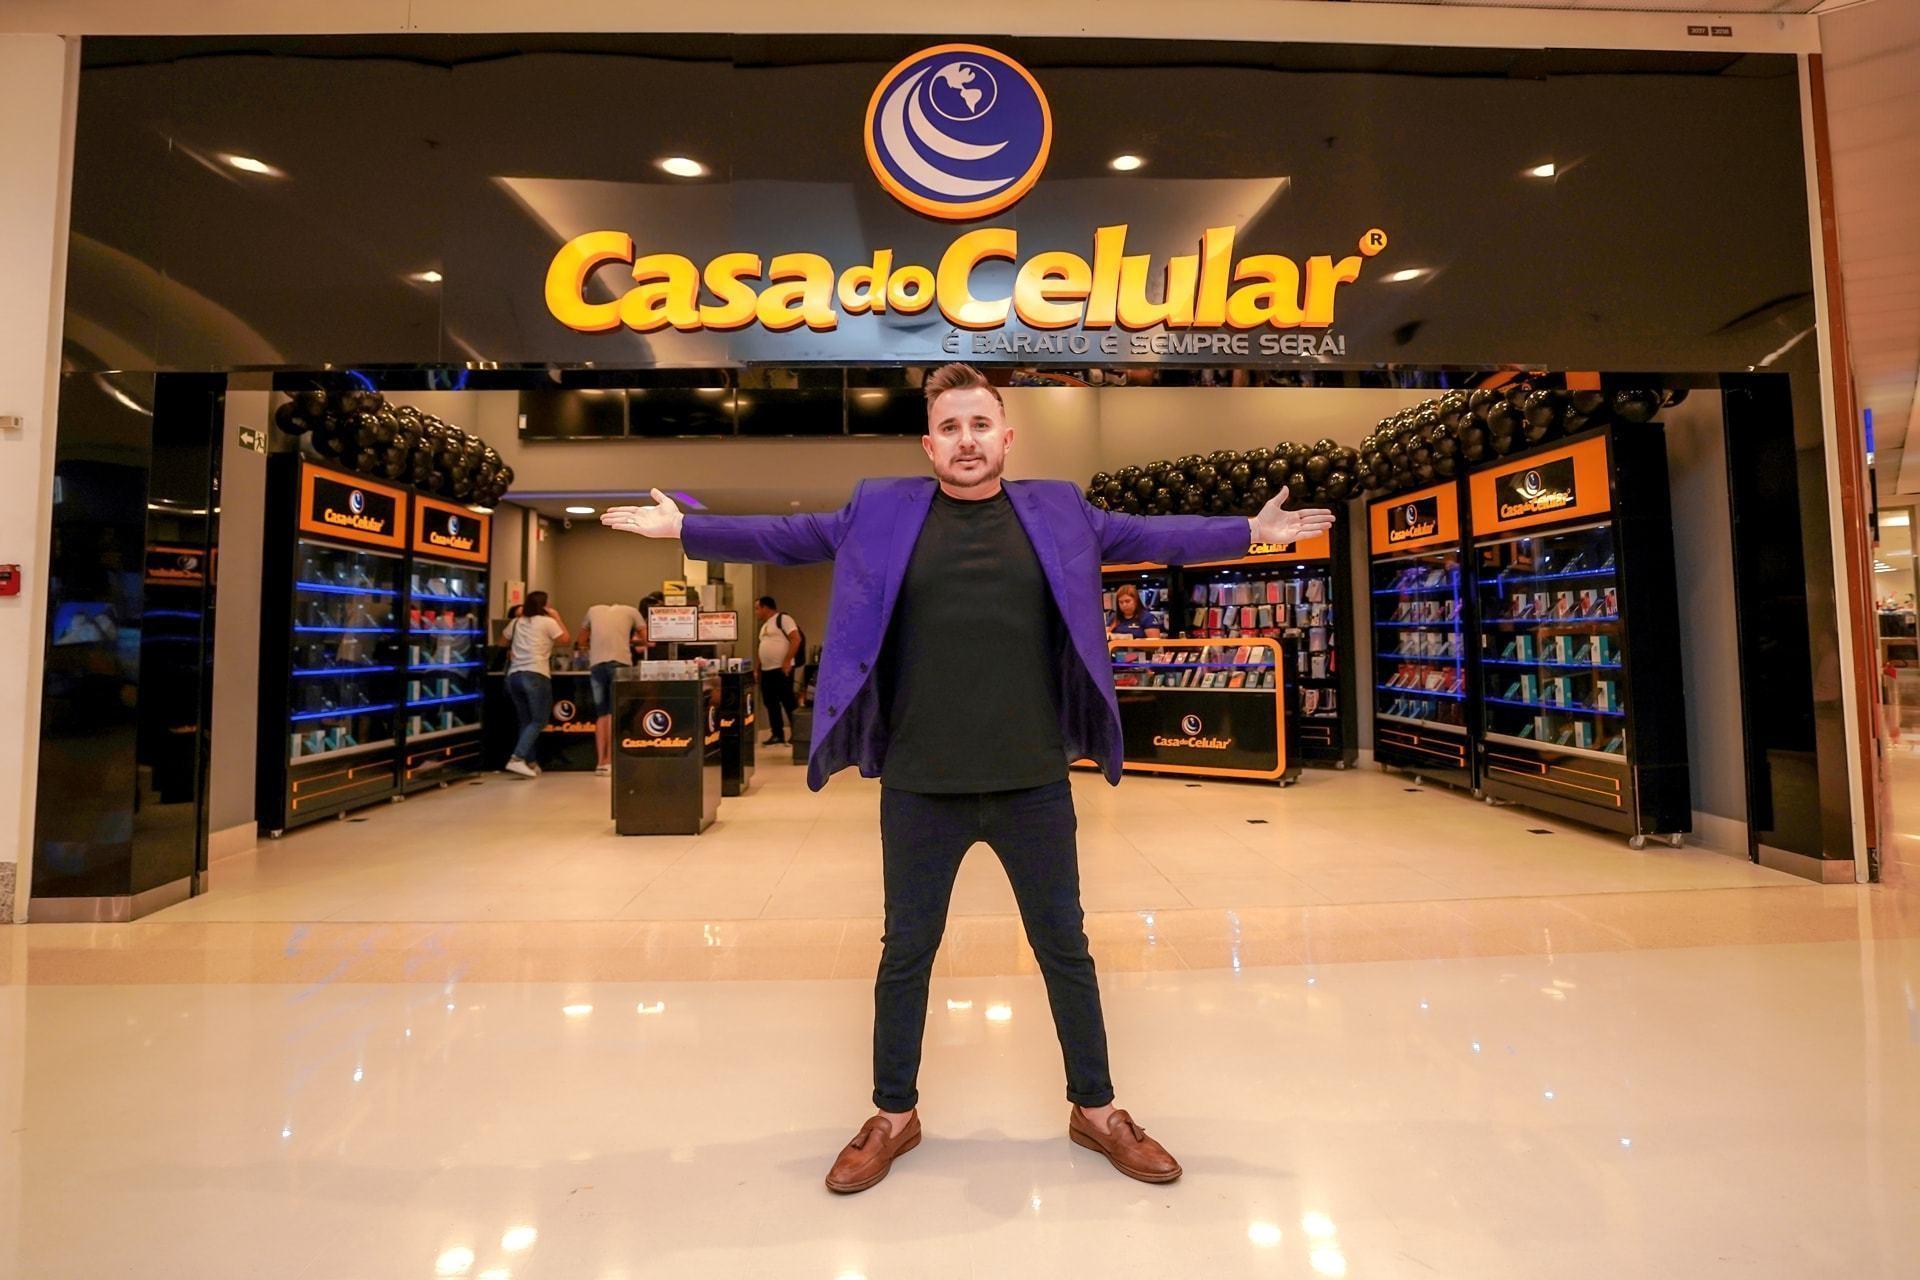 """Homem de roupa preta e terno roxo, braços abertos, em frente a uma loja de celulares com o letreiro """"Casa do Celular"""" acima."""